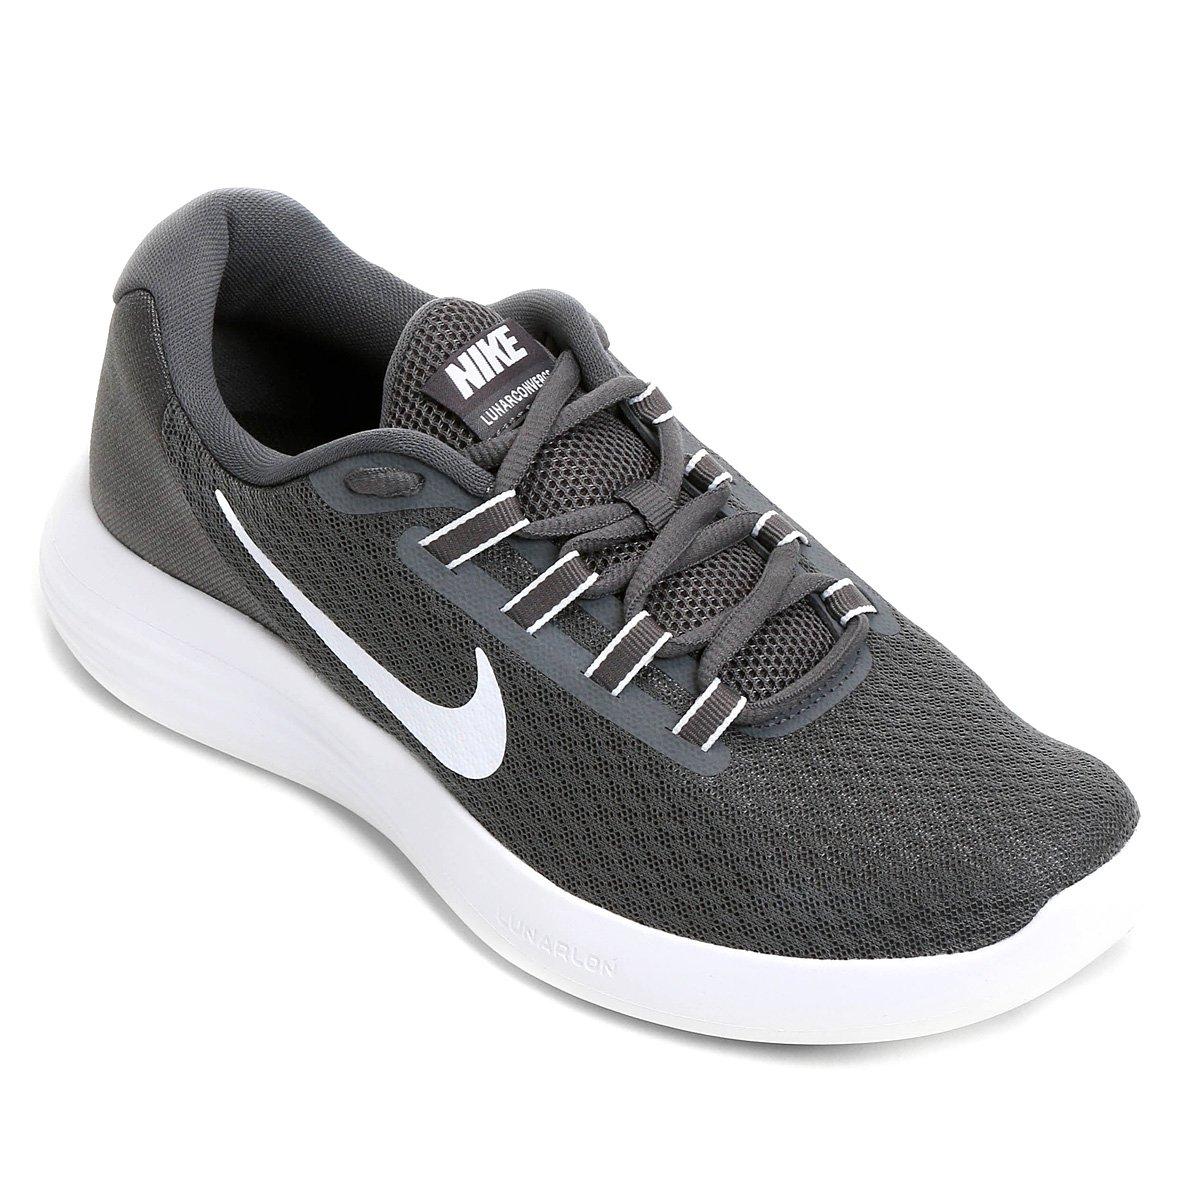 c4f99f97a17 Tênis Nike Lunarconverge Masculino - Compre Agora